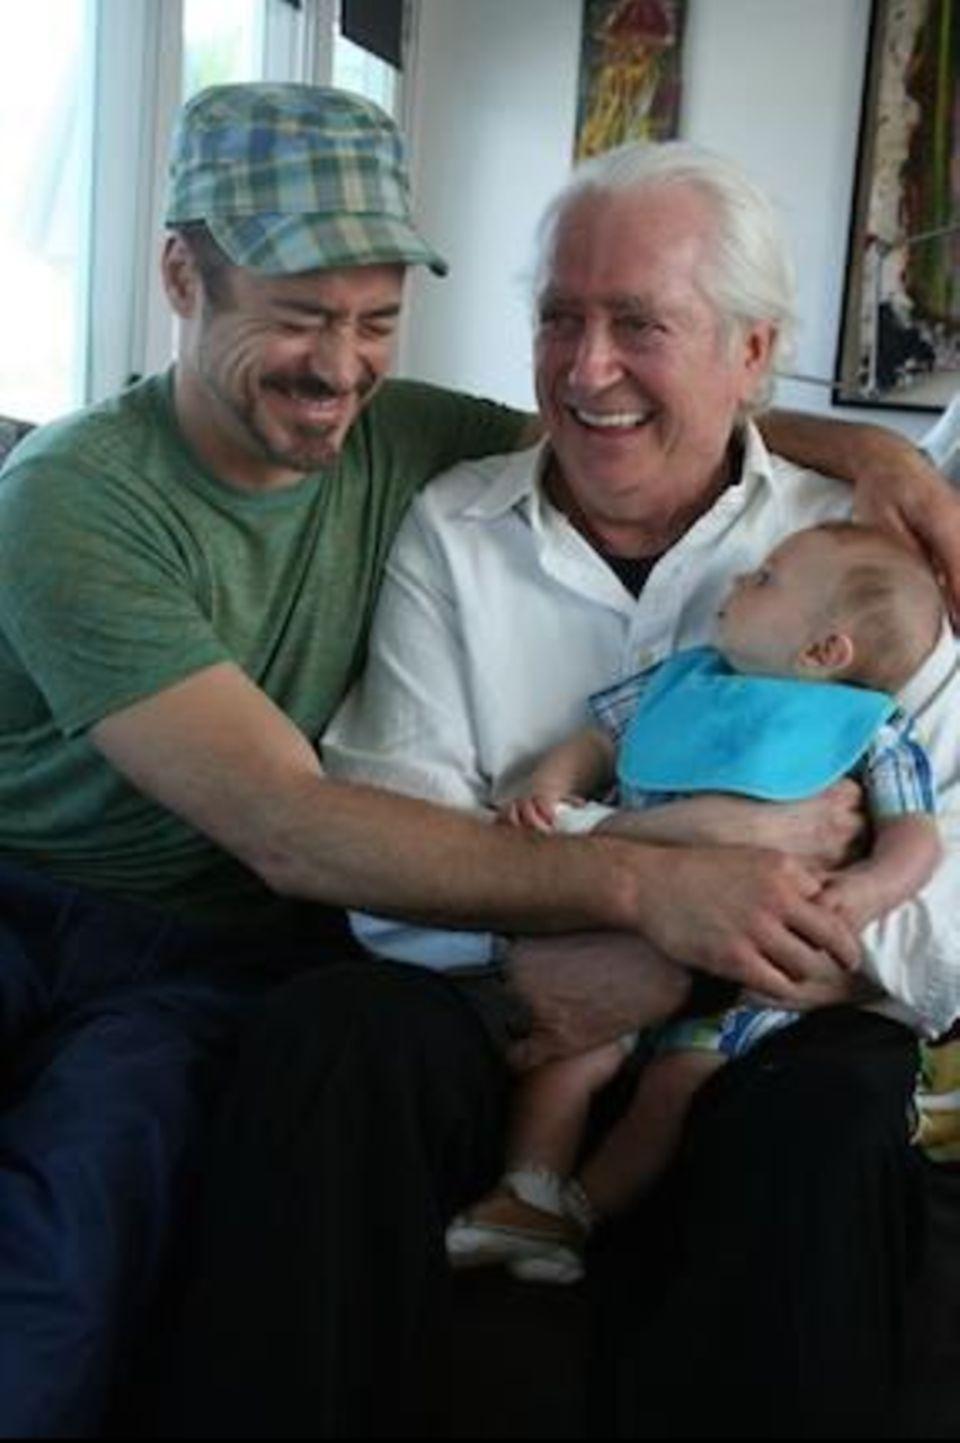 Robert Downey Jr. postet ein hübsches Generationenfoto von sich, seinem Vater und seinem Sohn.